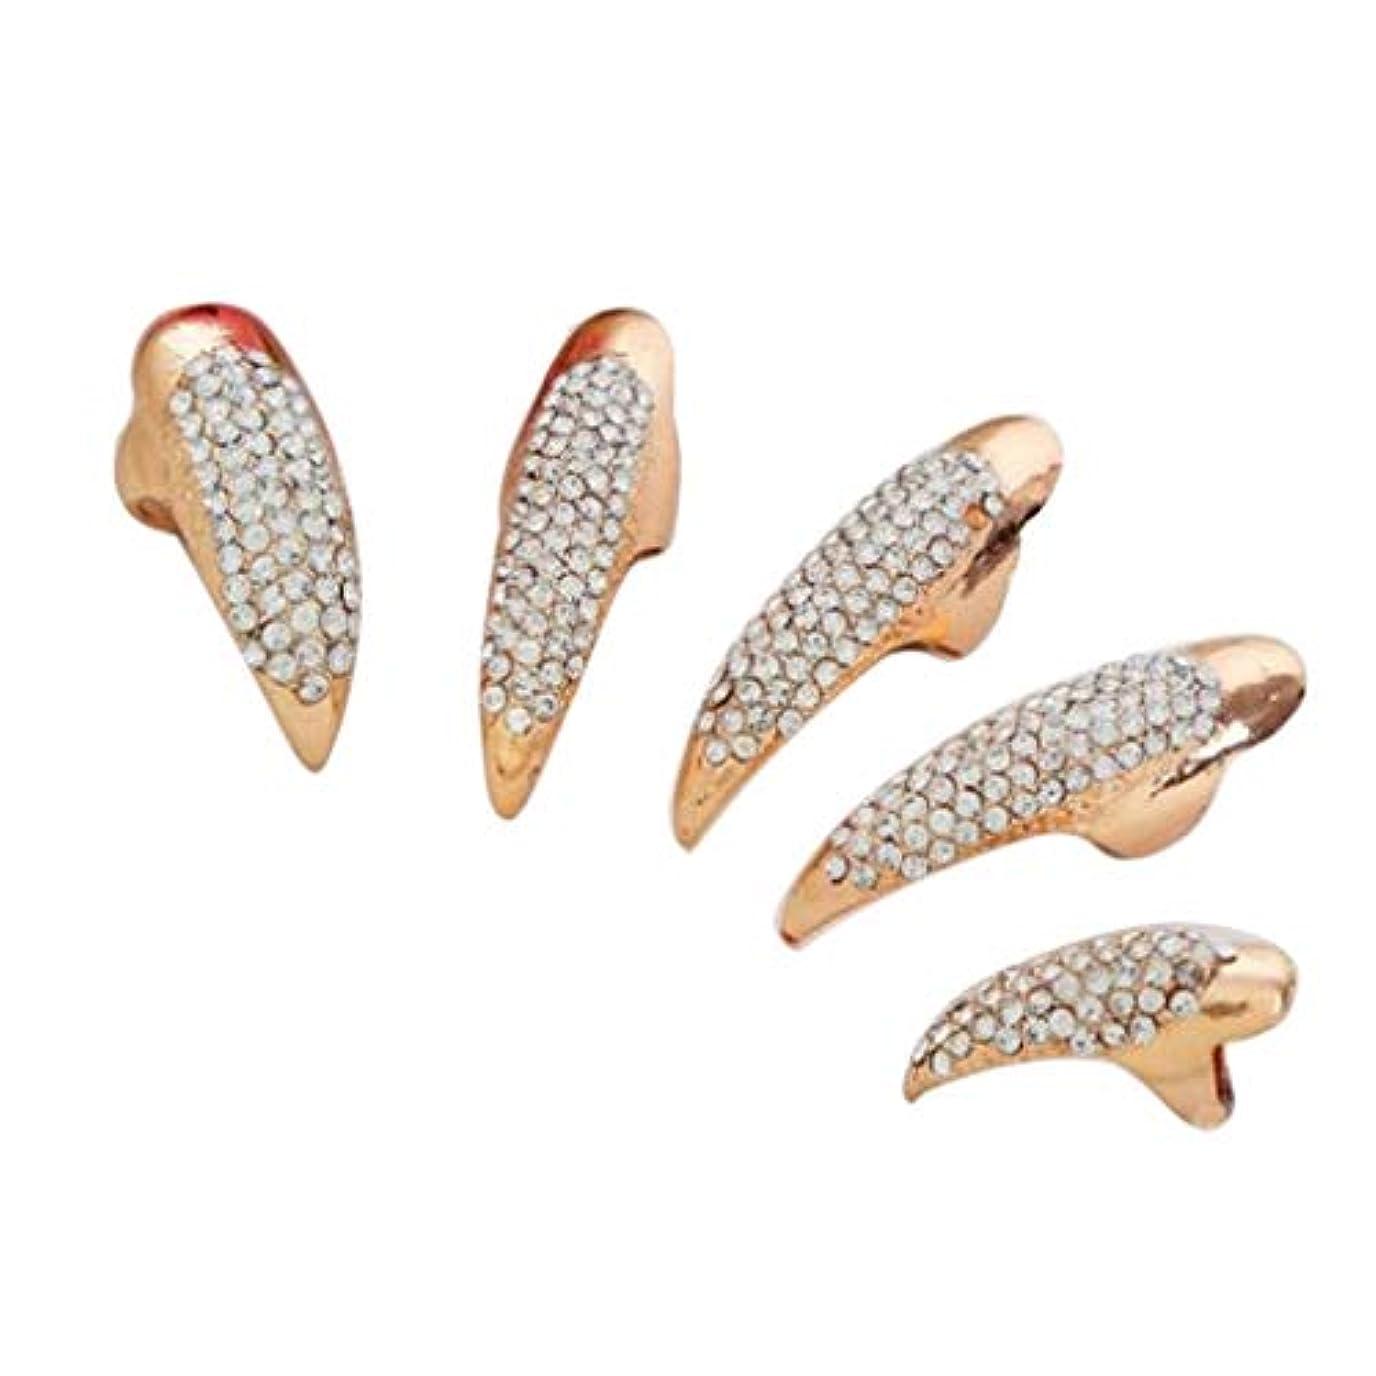 バスタブワードローブ偽造Sharplace 爪リング ネイルチップ ネイルアート 人工の爪 曲げ爪 コスプレ パーティー 2色選べ - ゴールデン